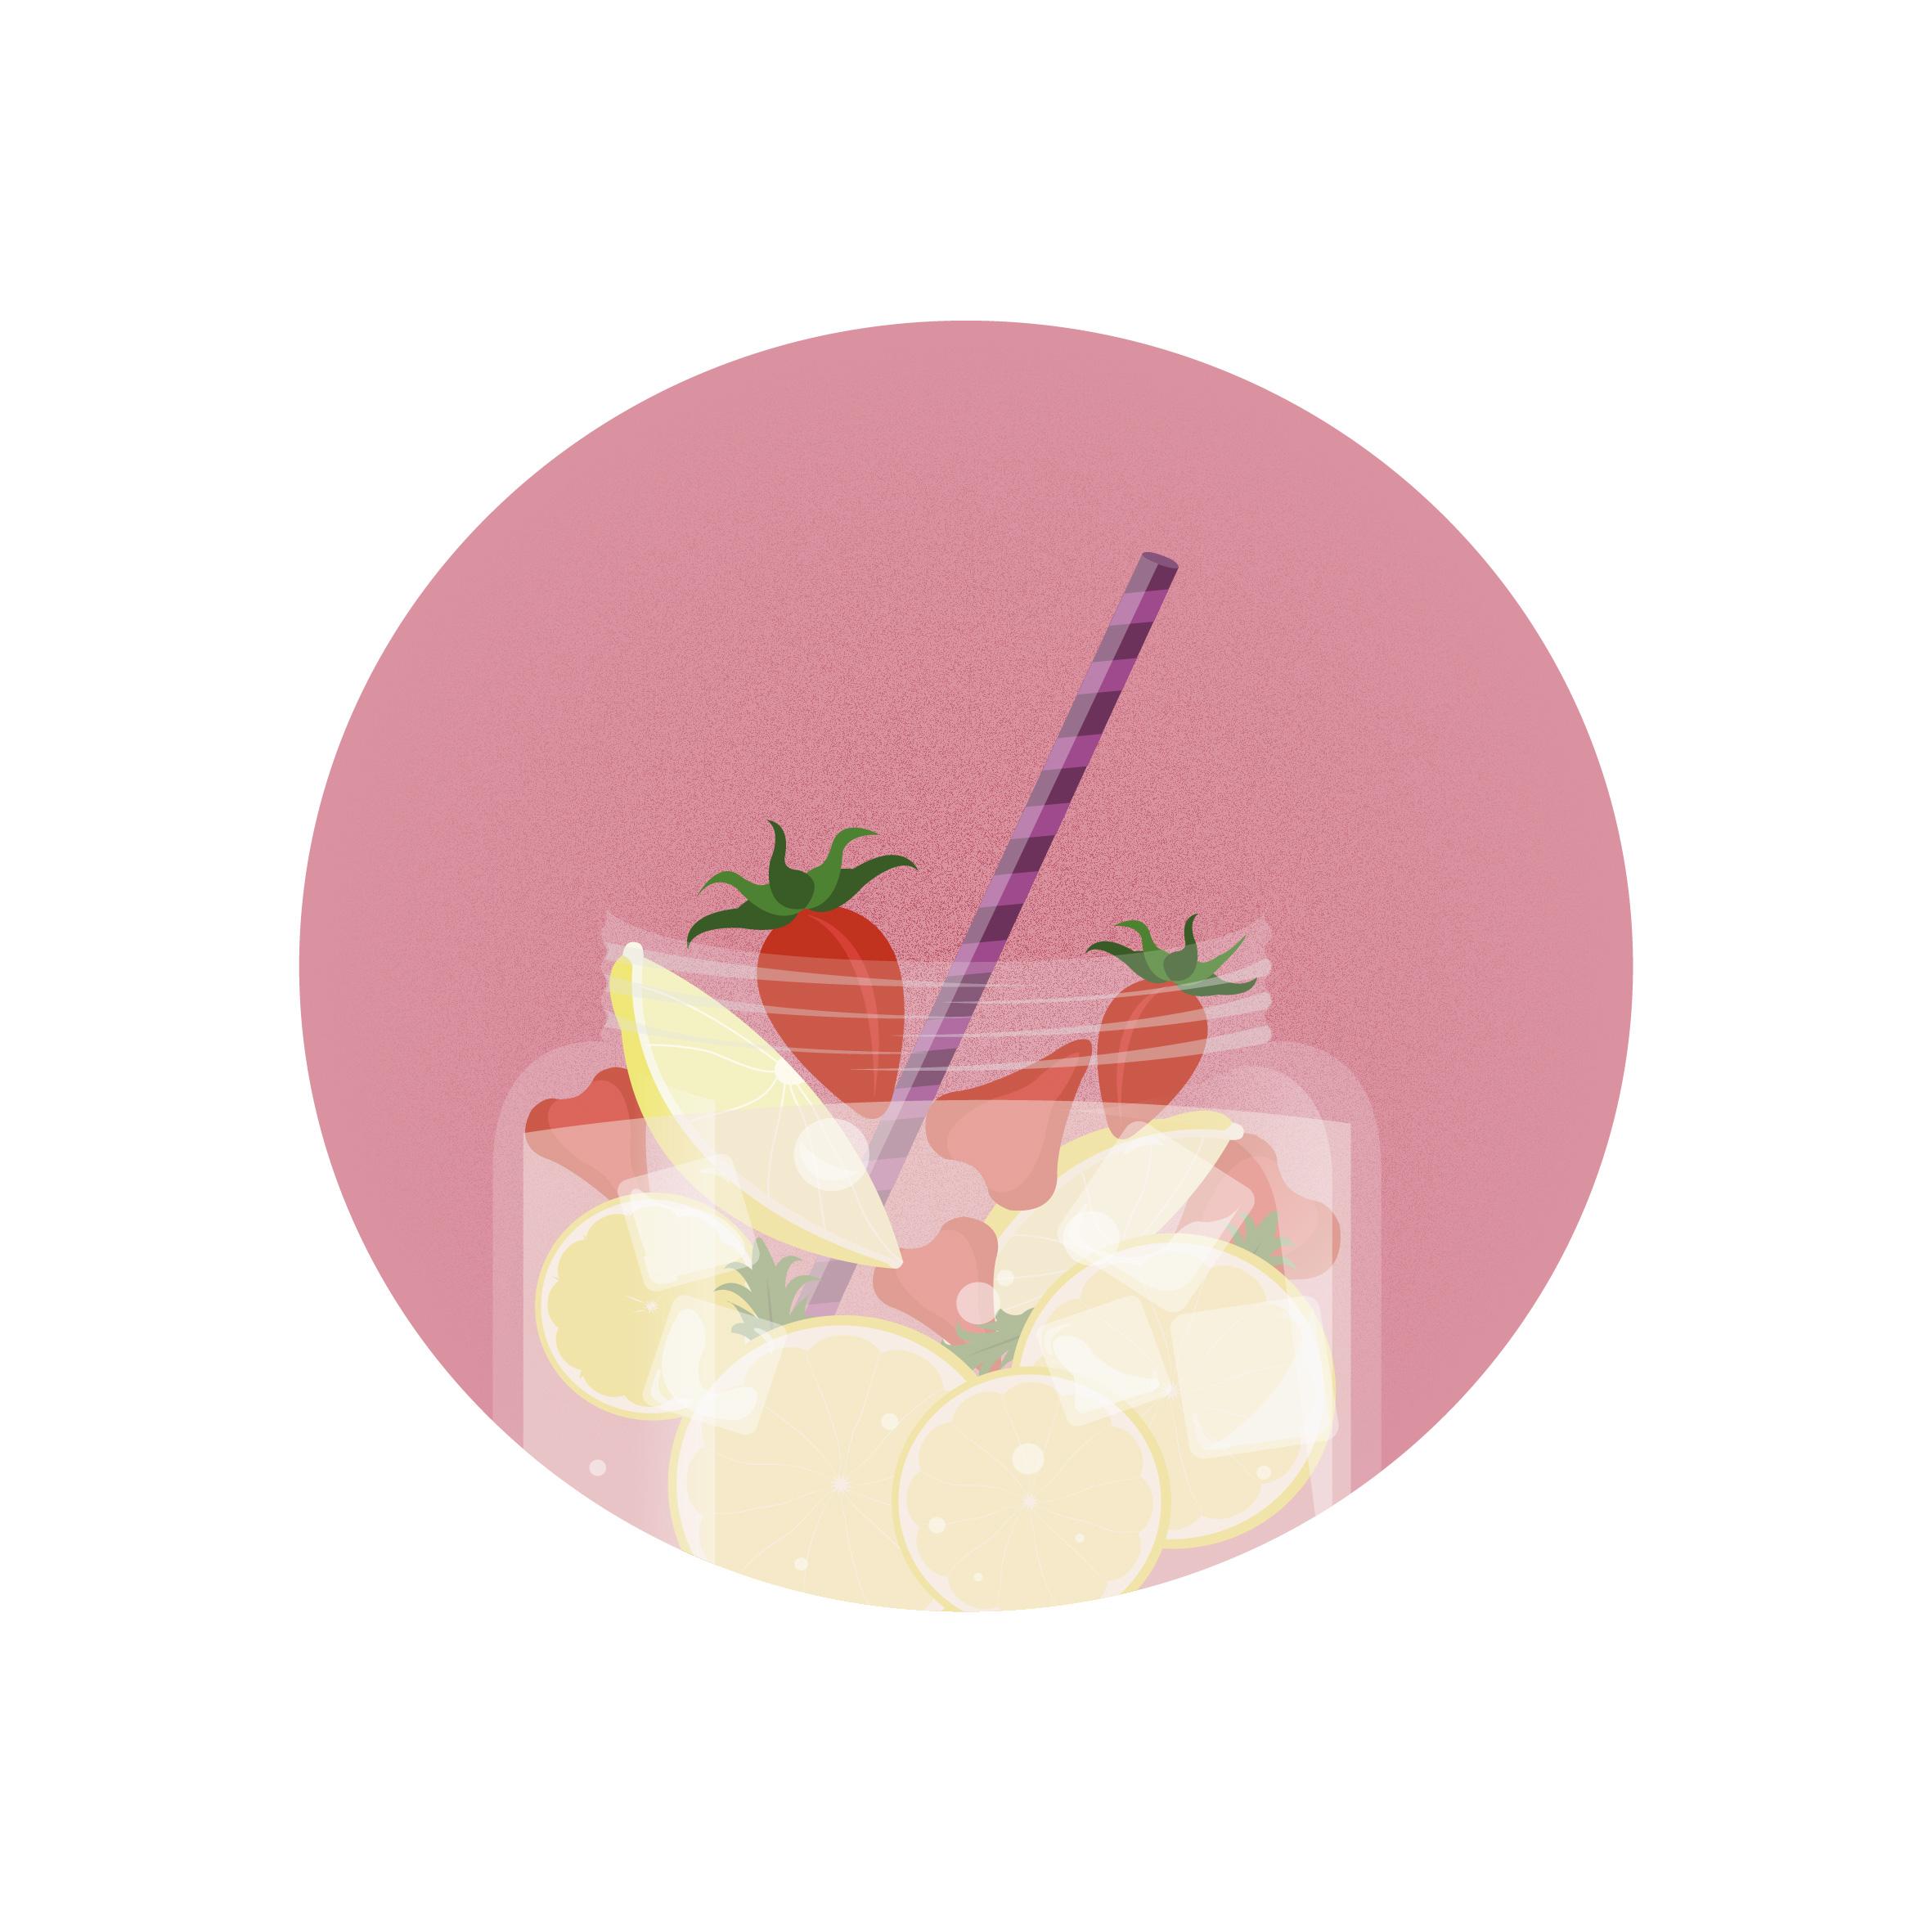 Lemonade small.jpg